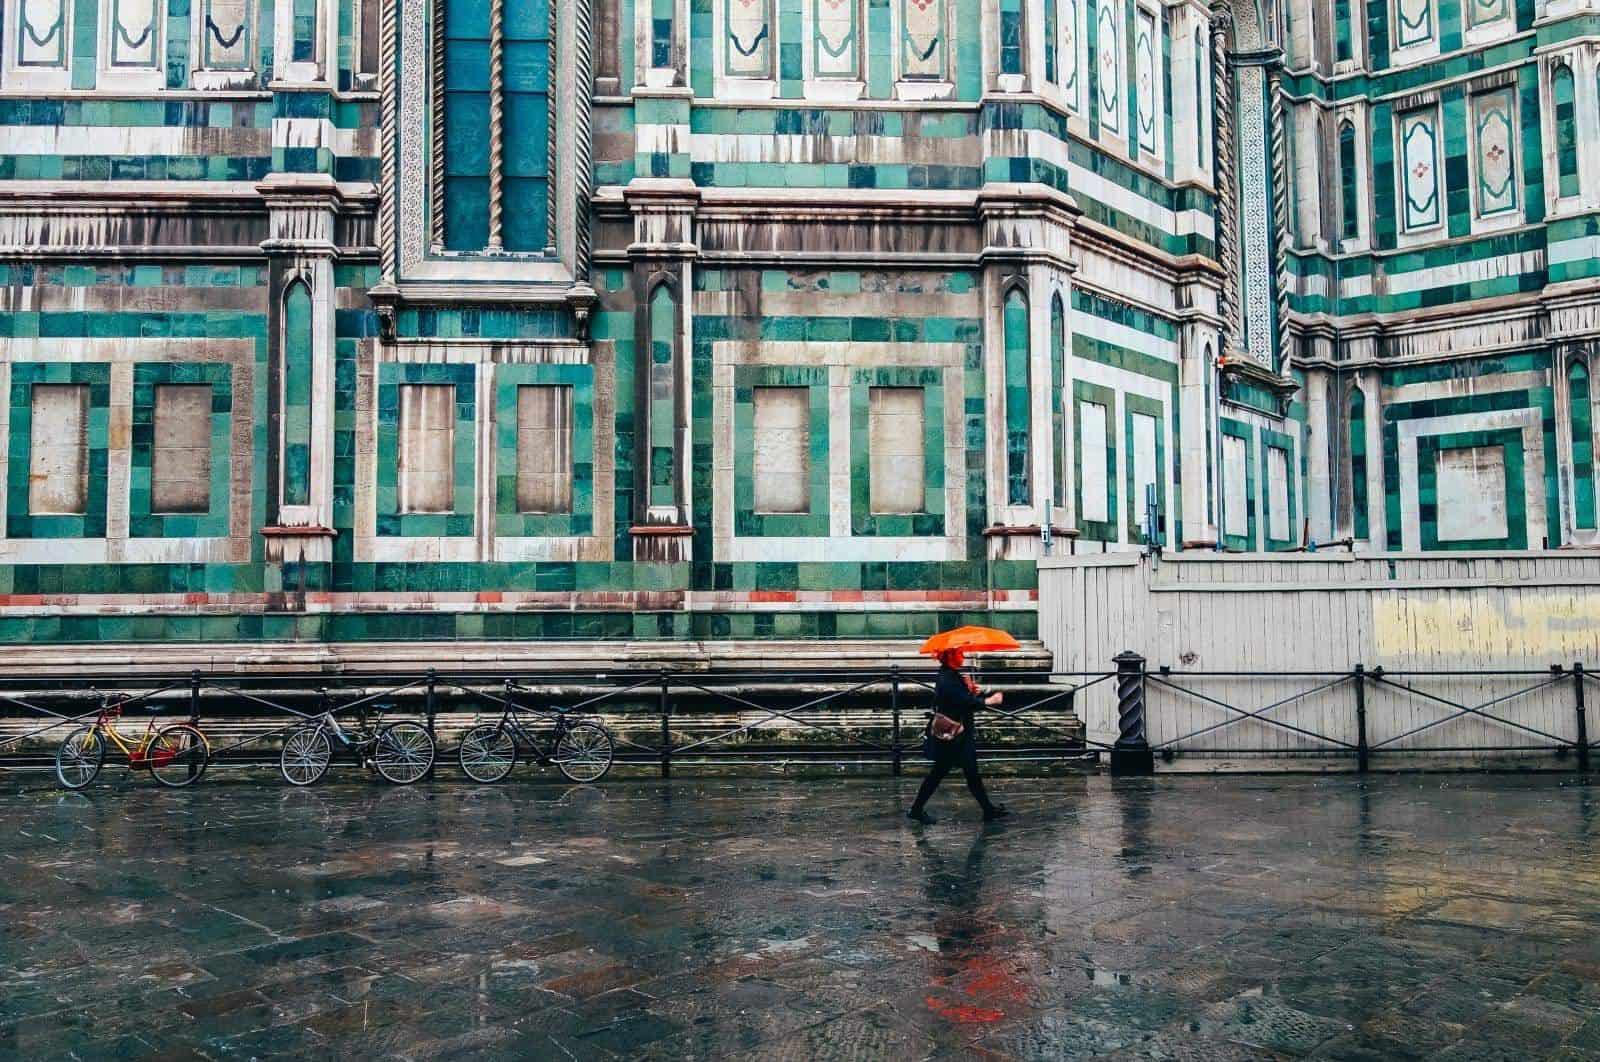 Florence, Italy. Photo by Tolga Kilinc on Unsplash.